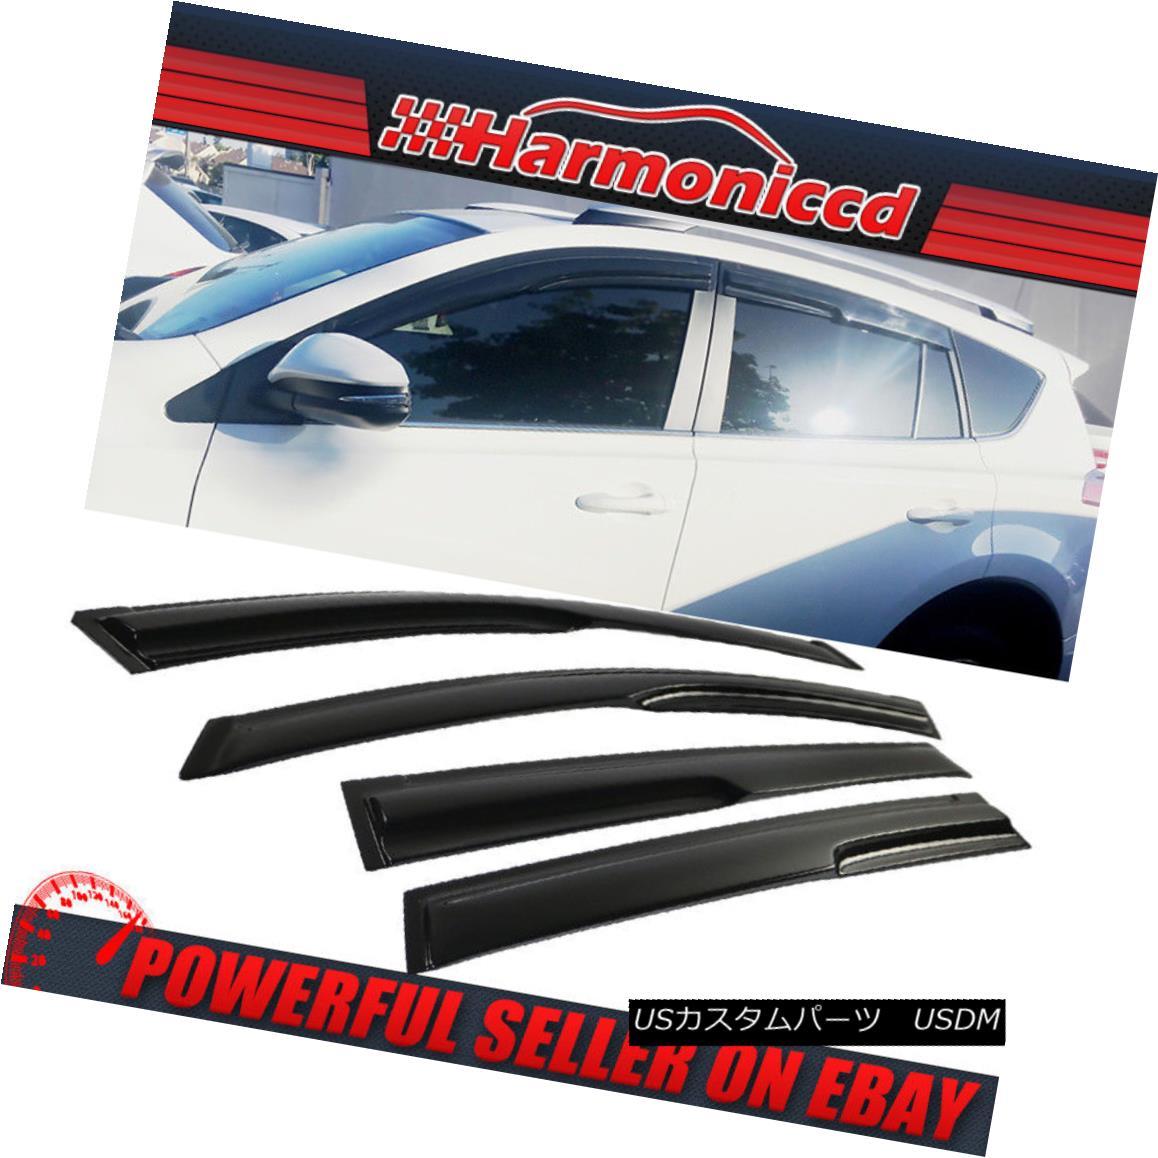 【高価値】 エアロパーツ Fits 13-18 RAV4 XU50 Smoked Aero JDM Stick On Window Visors Wind Deflectors 13-18 RAV4 XU50に適合するウィンドウバイザーウィンデフレクターのスモークエアロJDMスティック, ユニベティ 810ede97